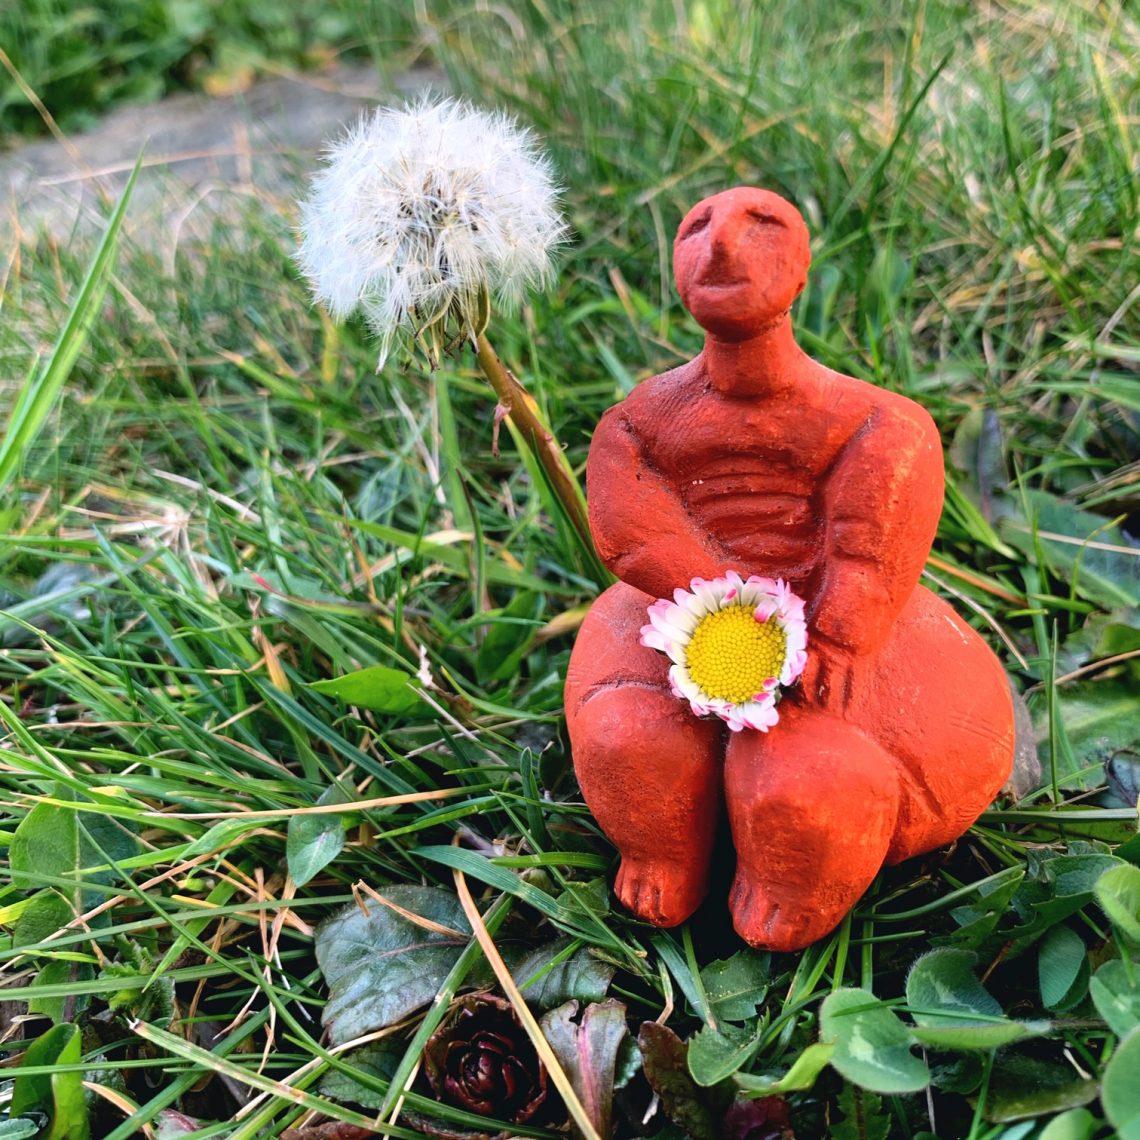 Alcune Considerazioni Sciamaniche sul Momento che Stiamo Vivendo